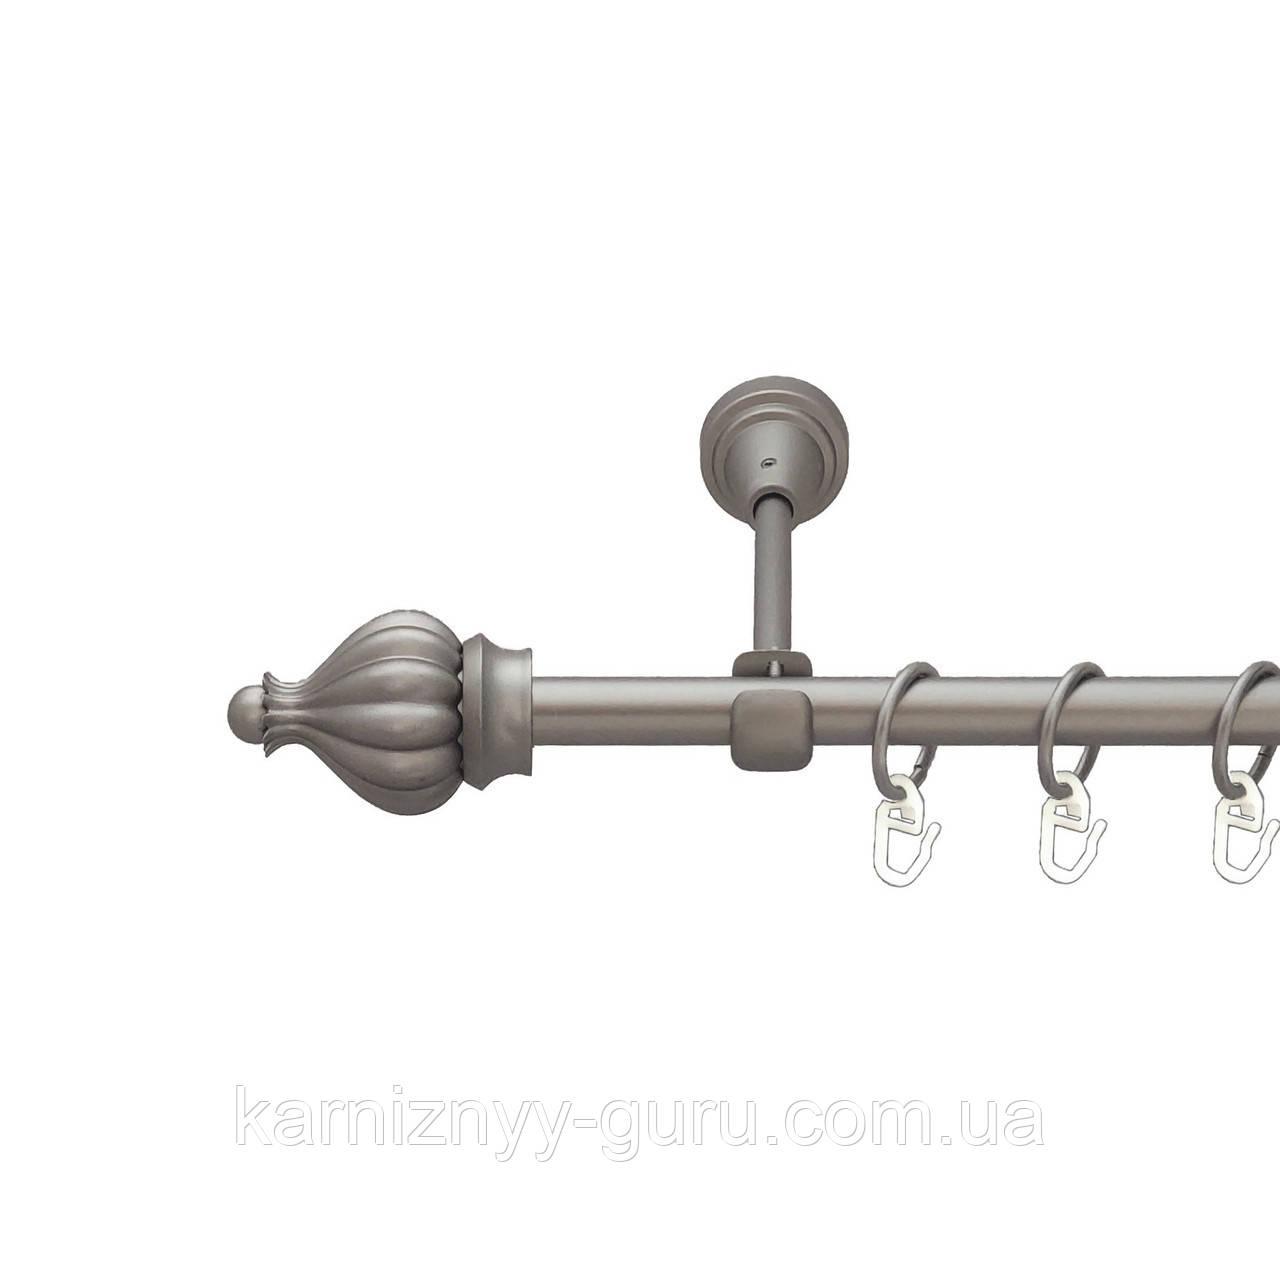 Карниз для штор ø 19 мм, одинарный, наконечник Таджа